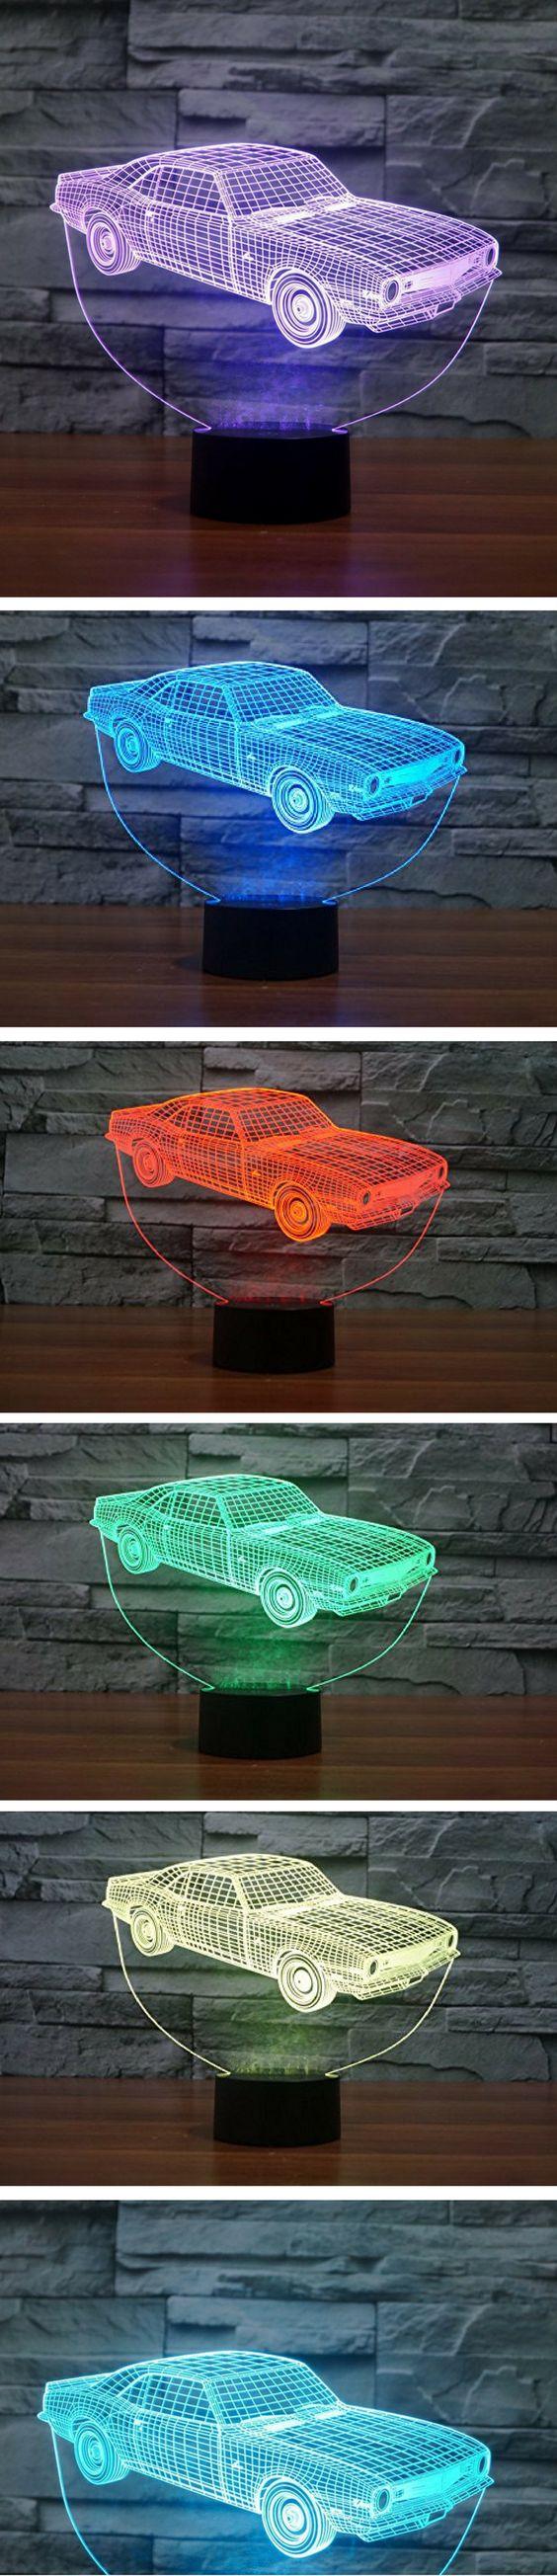 Autozimmer Cooles 3d Nachtlicht Im Auto Design Diese Design Lampe Ist Ein Echter Hingucker Leuchtet In Verschiedenen Farben Kinder Lampen Led Lampe Kinder